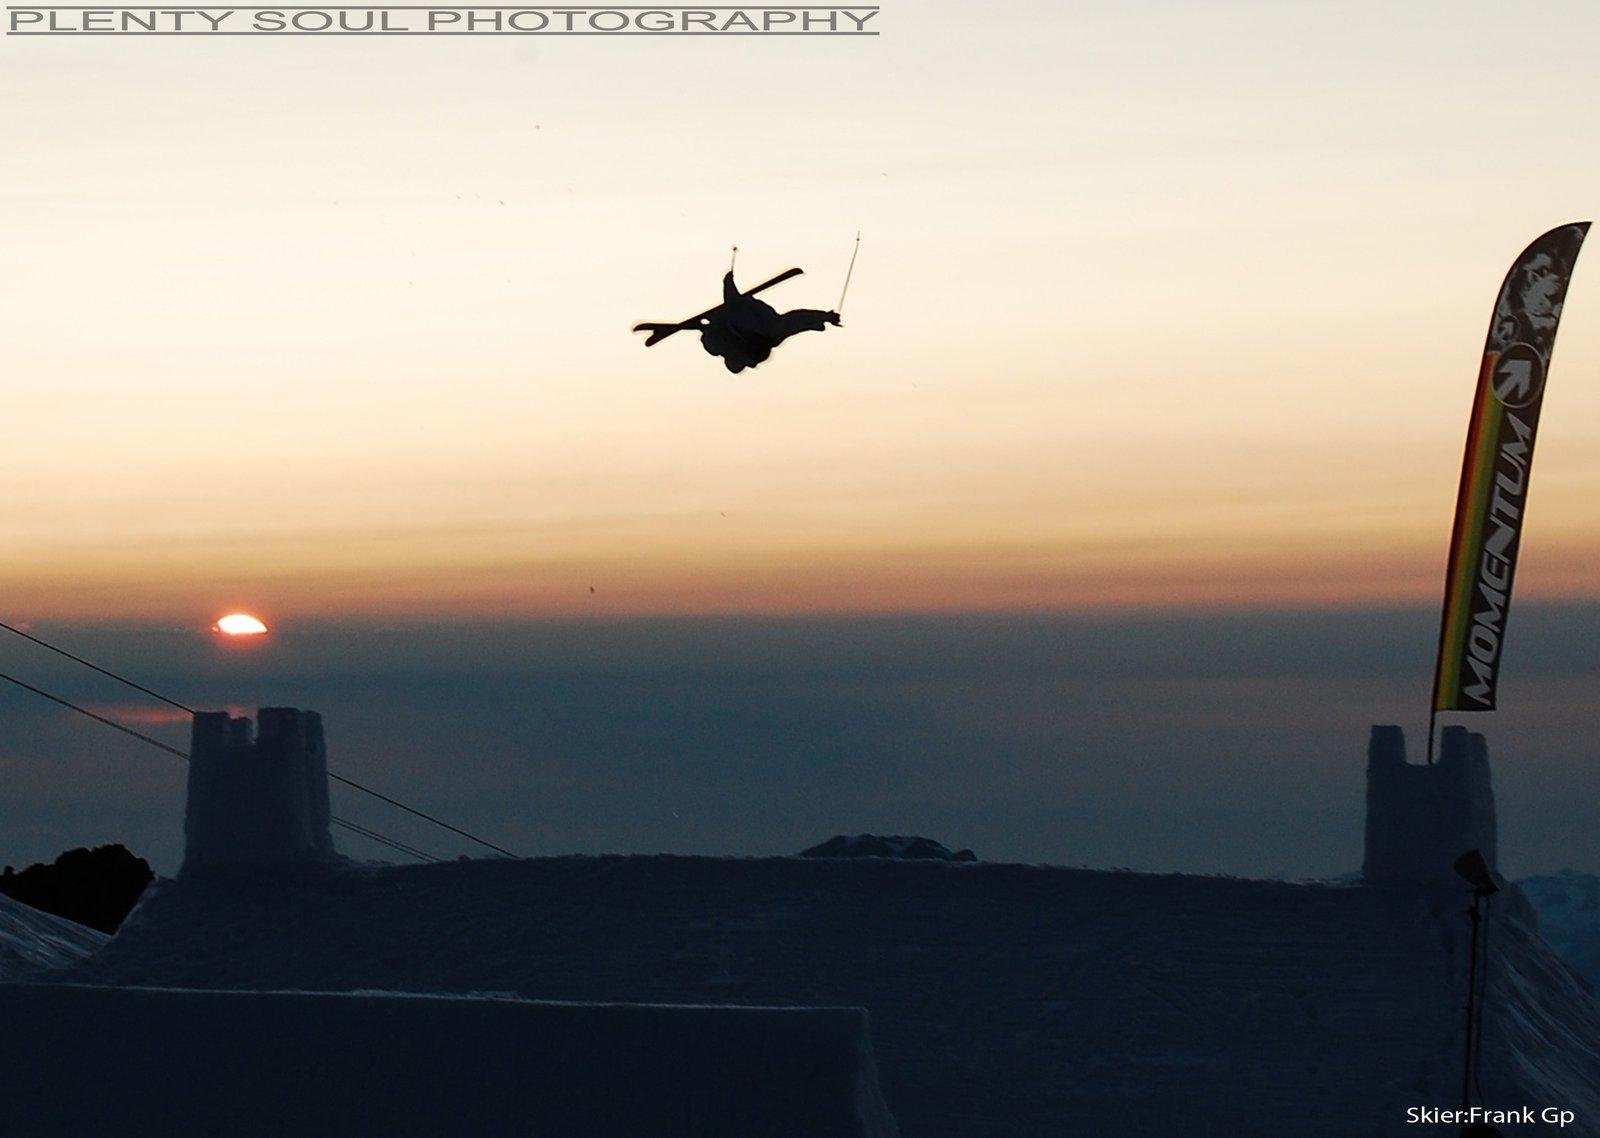 Momentum Sunset Shoot. Plenty Soul